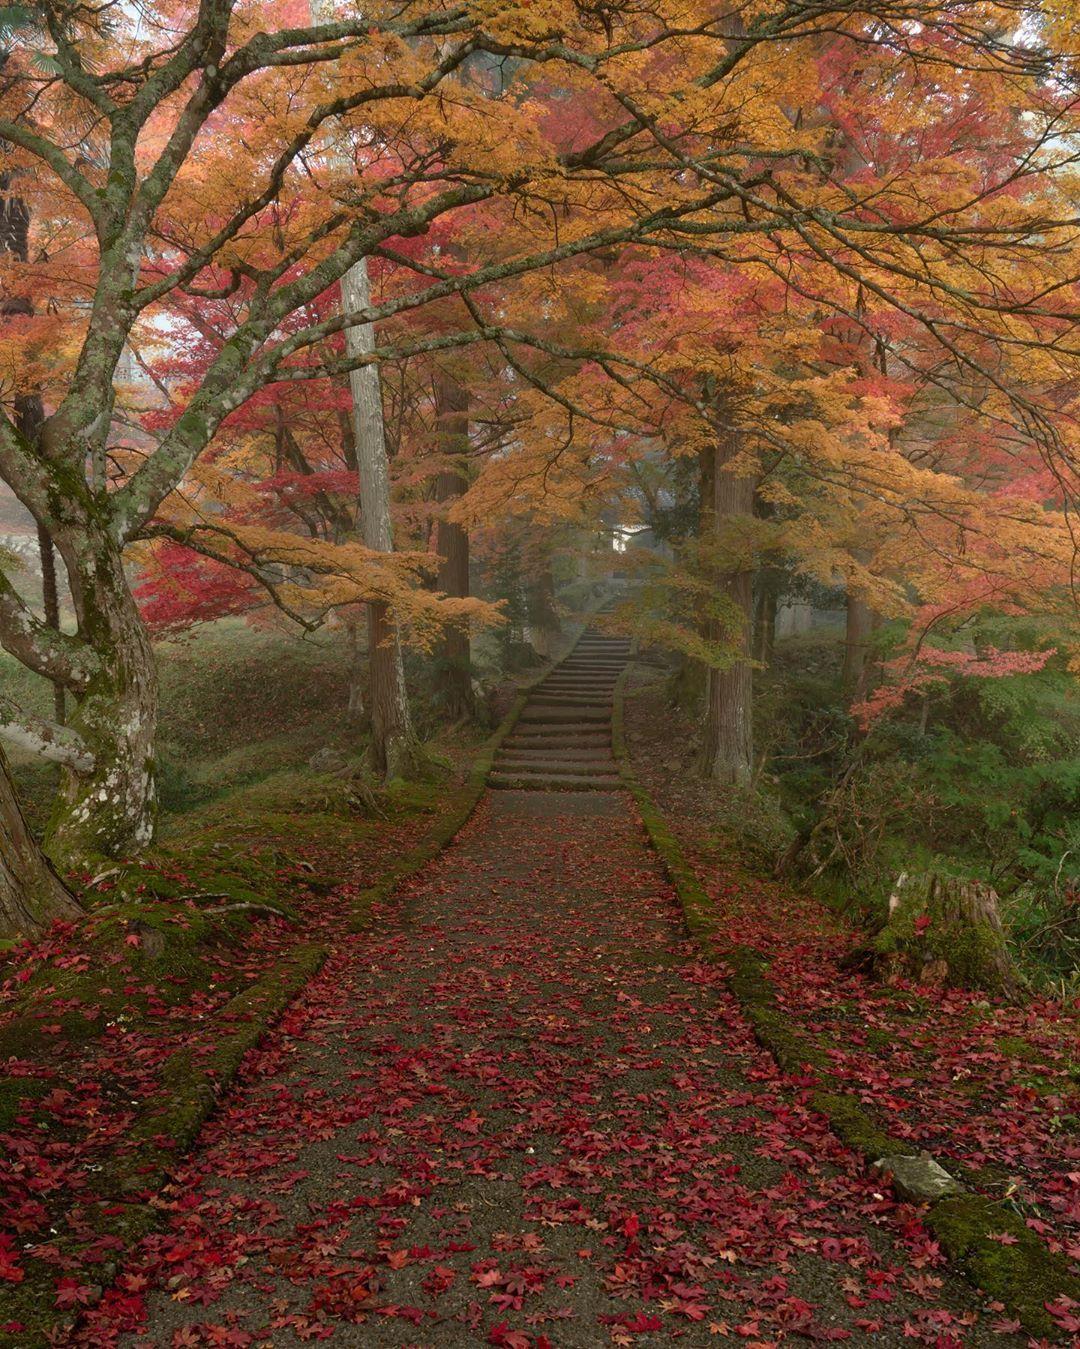 いいね 675件 コメント22件 しんご osaka shingo camera のinstagramアカウント 朝霧 location kyoto japan 好きなのはこういう雰囲気 やっと朝霧の中で撮れたんで country roads autumn leaves road